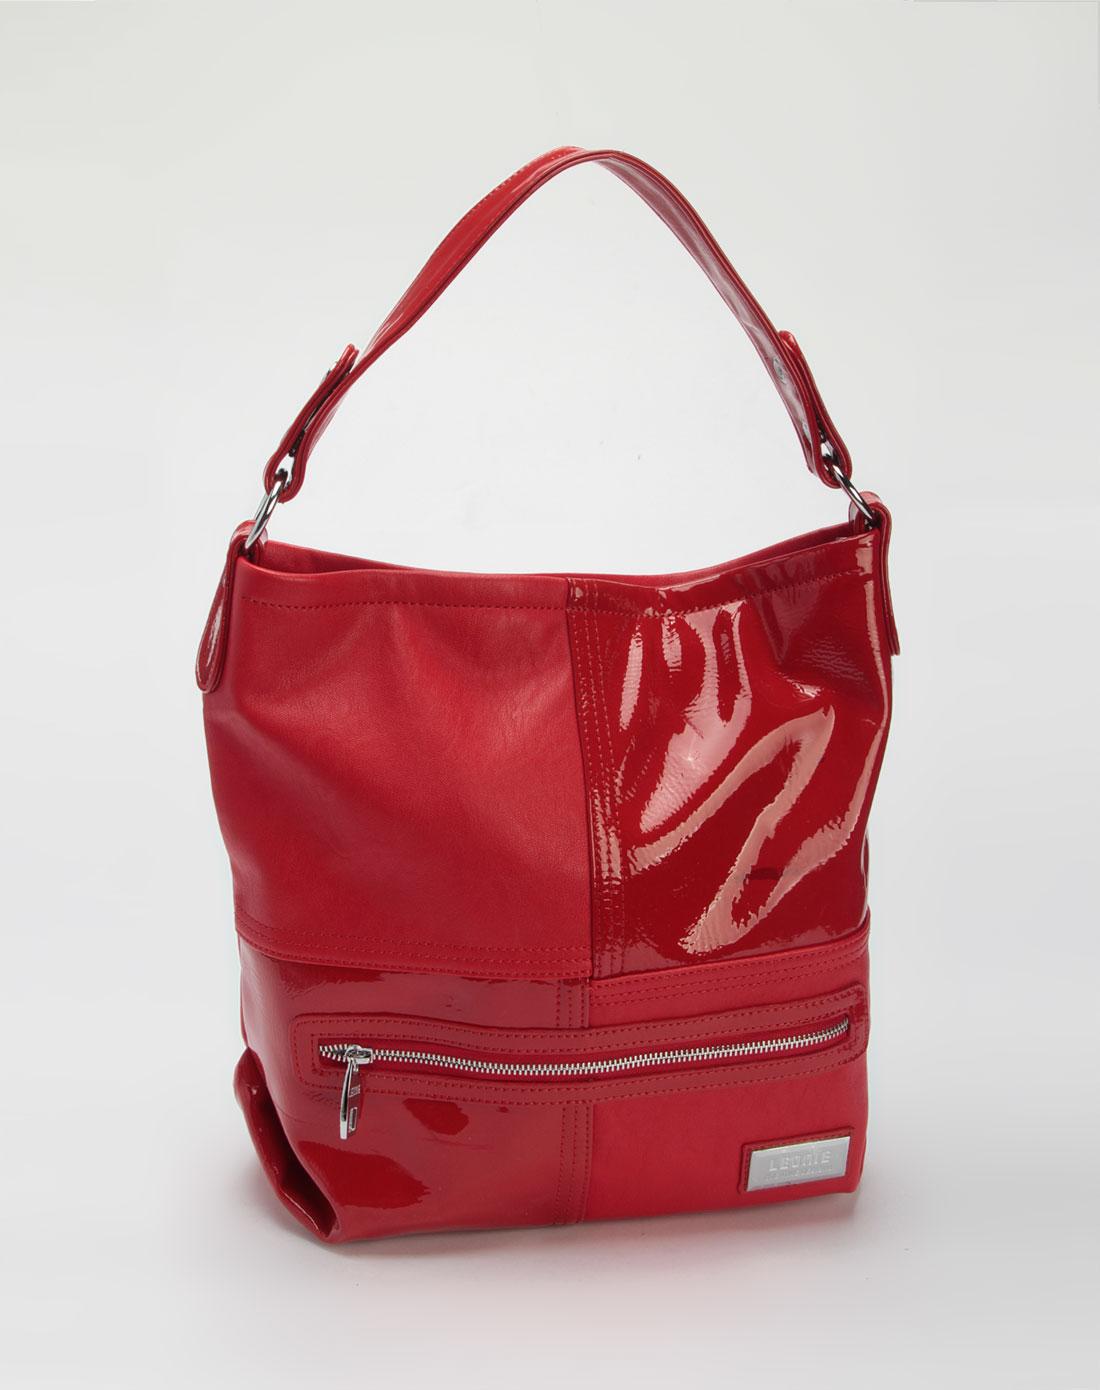 丽天妮leonie女包专场女款红色